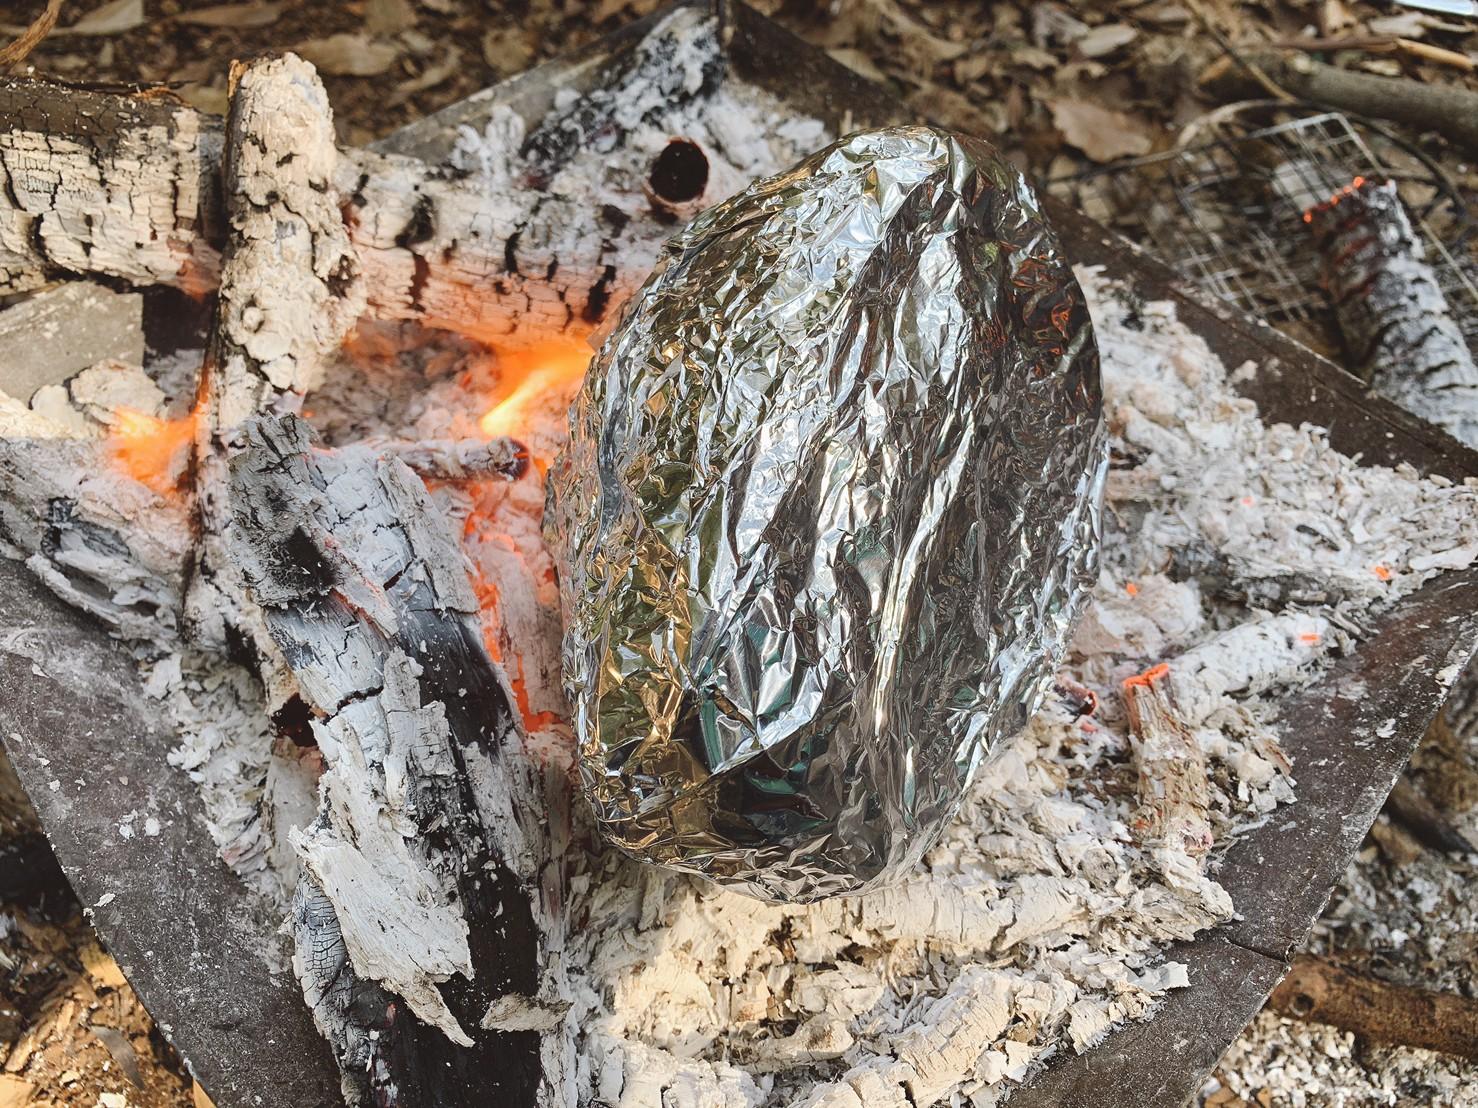 キャンプでアルミホイル料理に挑戦!目指せホイル焼き博士!【オリジナル簡単レシピも伝授します】